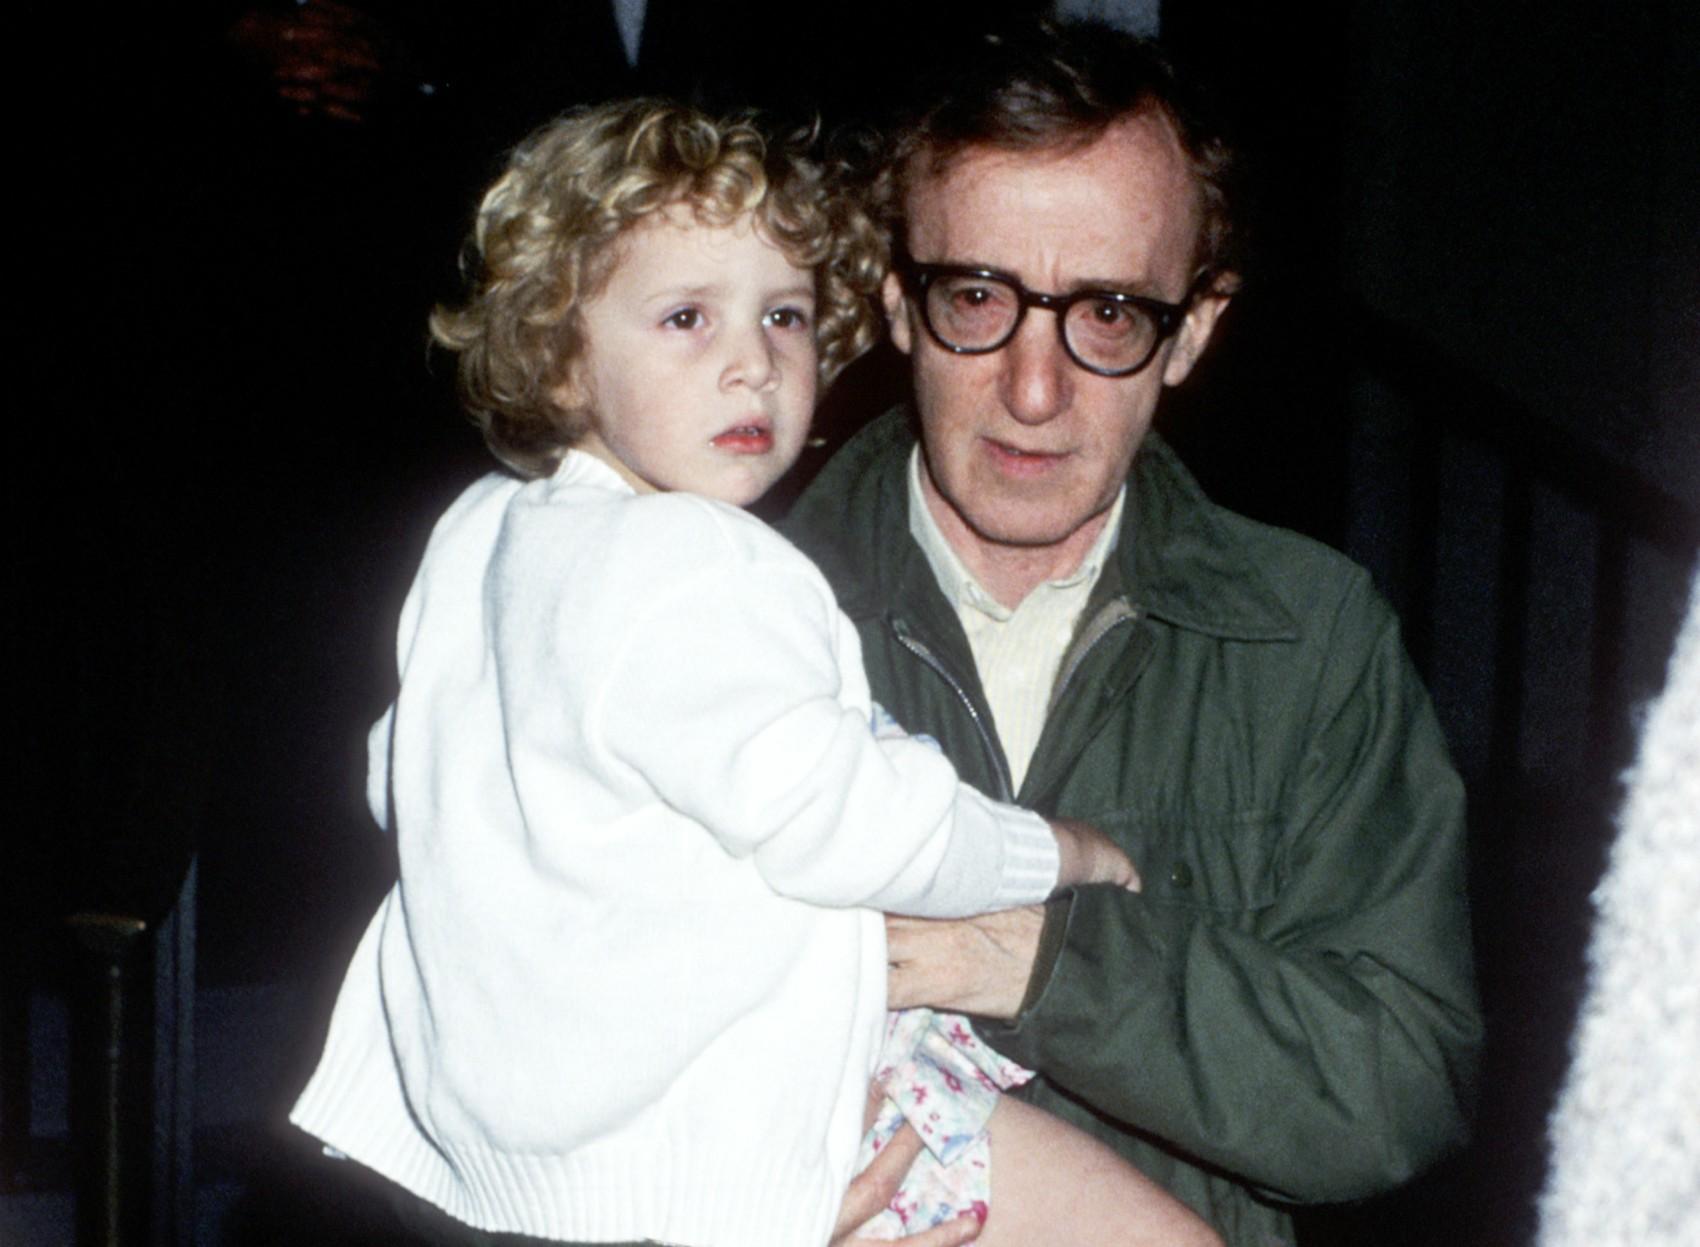 Em 1992, três anos após esta foto ter sido feita, a atriz Mia Farrow acusou Woody Allen de abusar sexualmente desta filha adotiva do casal, Dylan Farrow, à época com 7 anos de idade. Mais de duas décadas se passaram e, desde então, a Justiça não conseguiu (Foto: Getty Images)